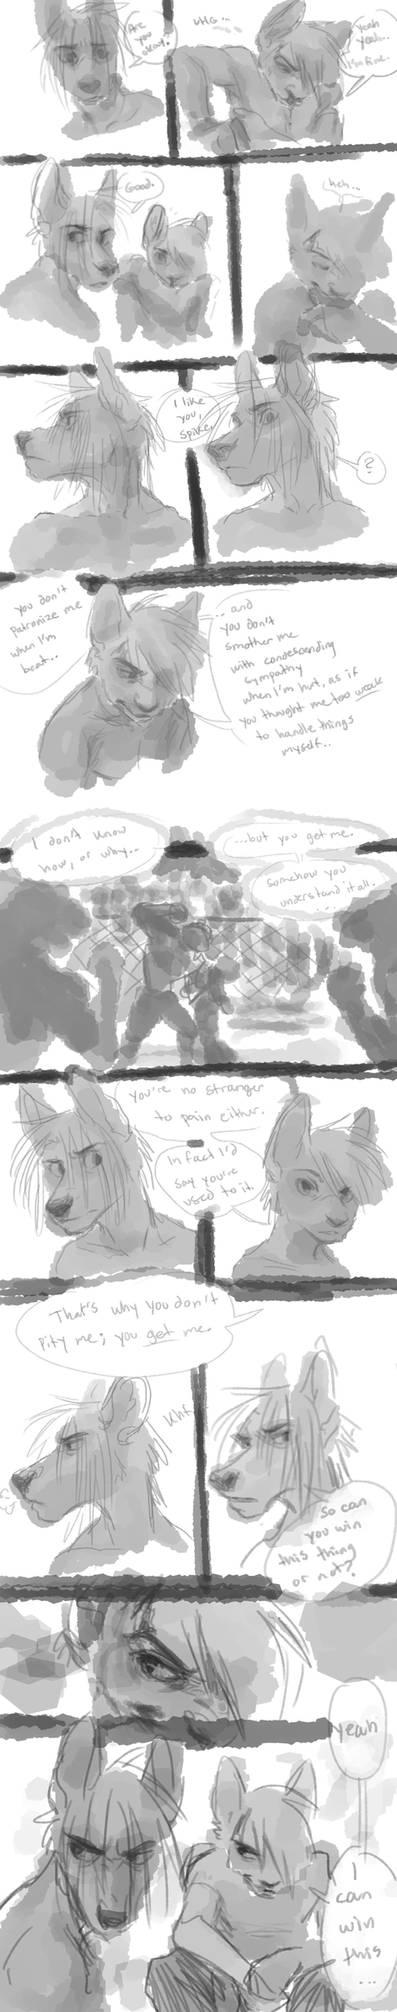 Cage Fight - scene idea